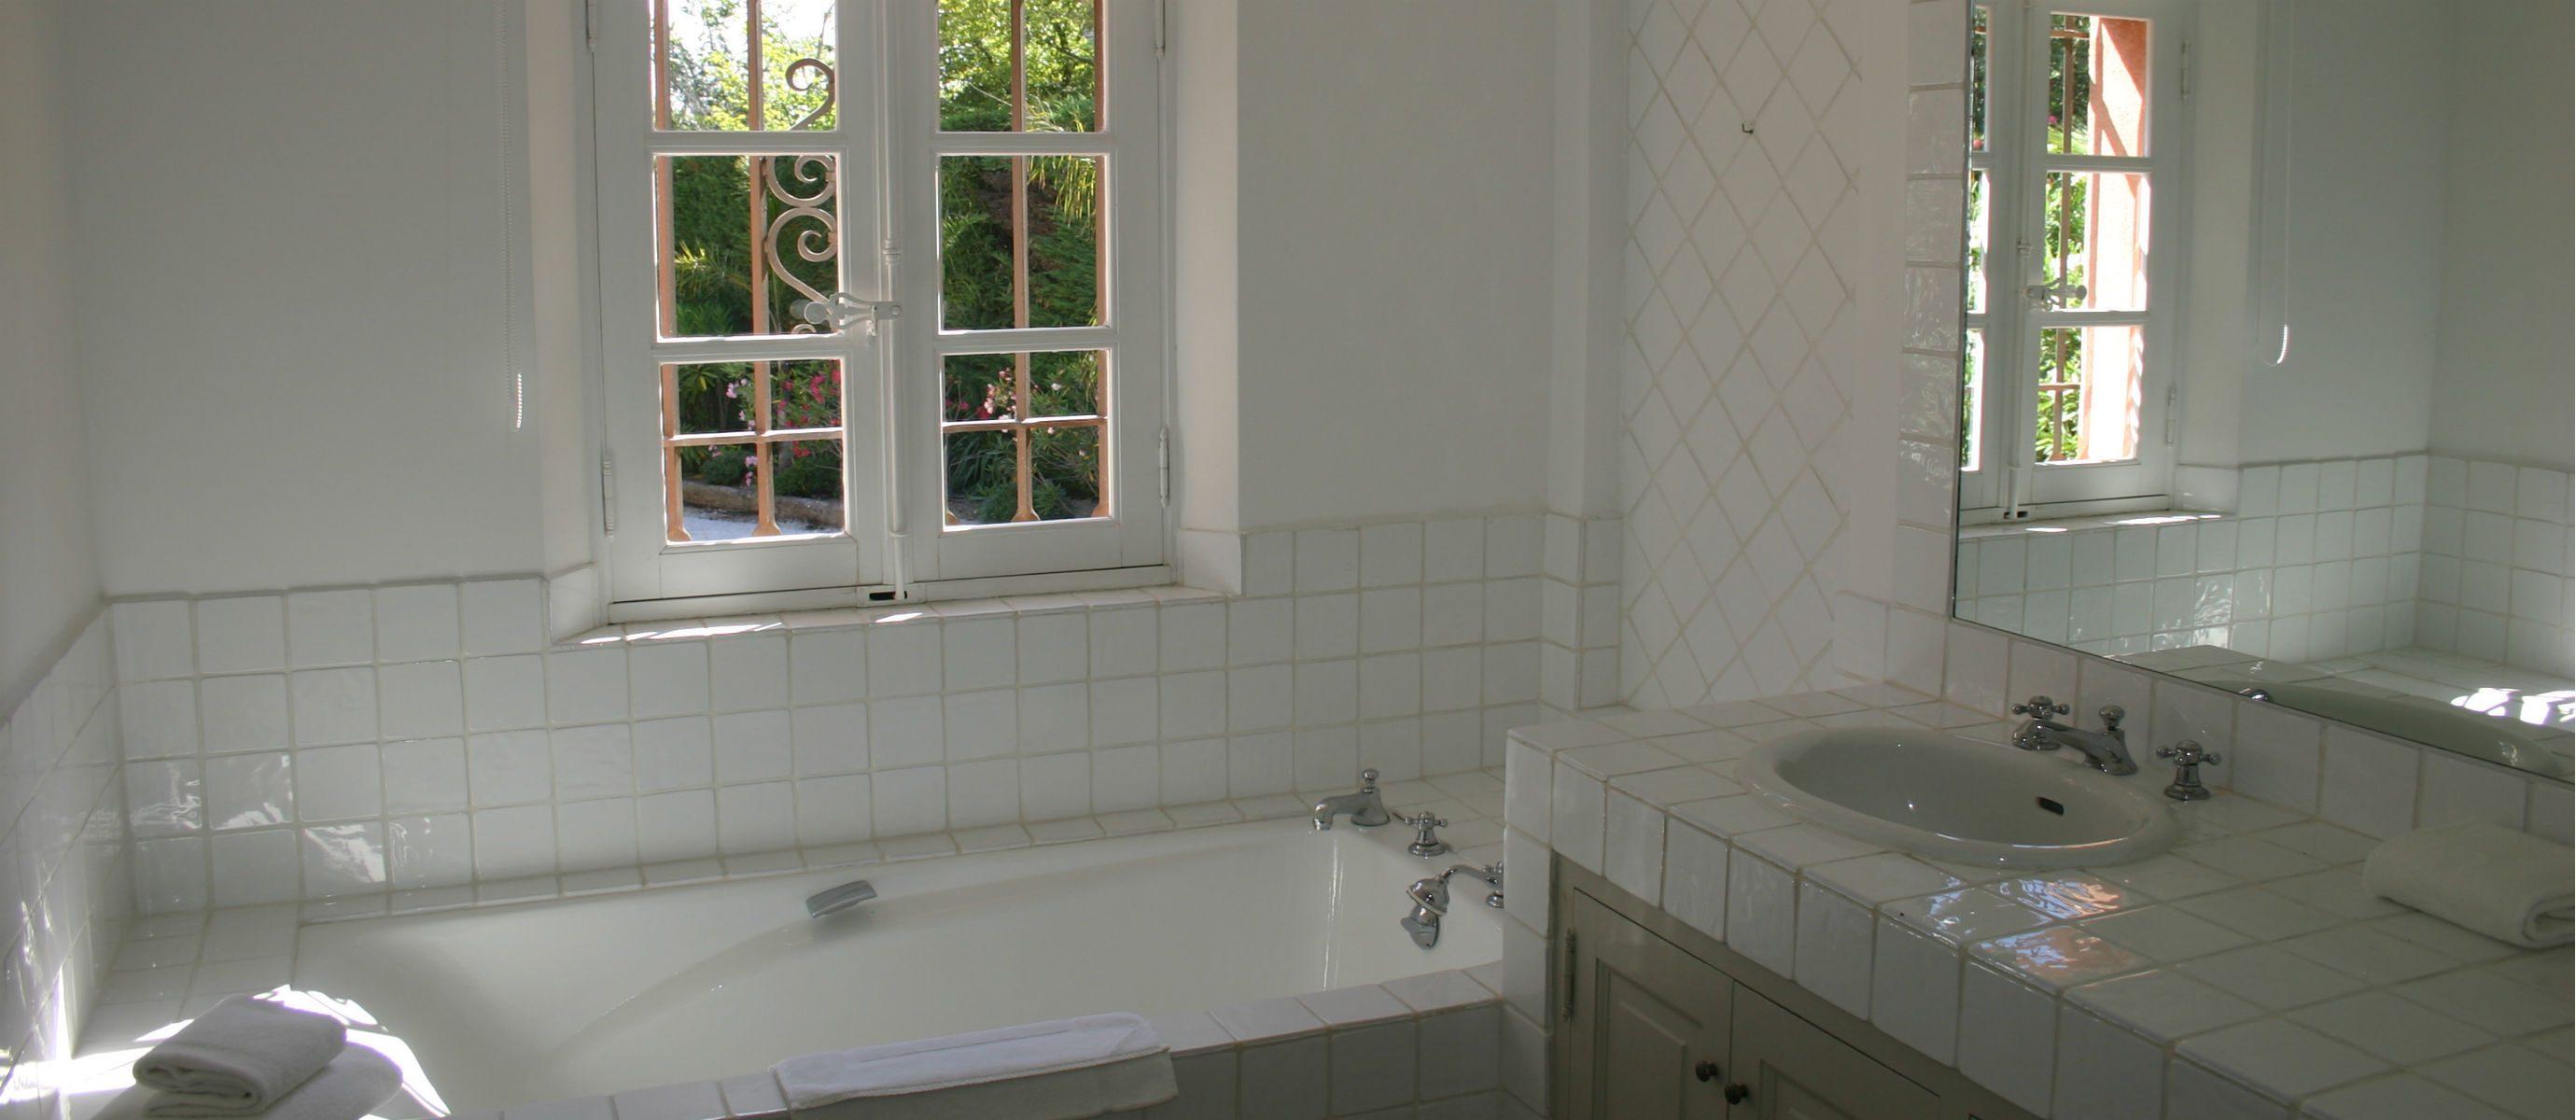 MR. Bathroom IMG_2361